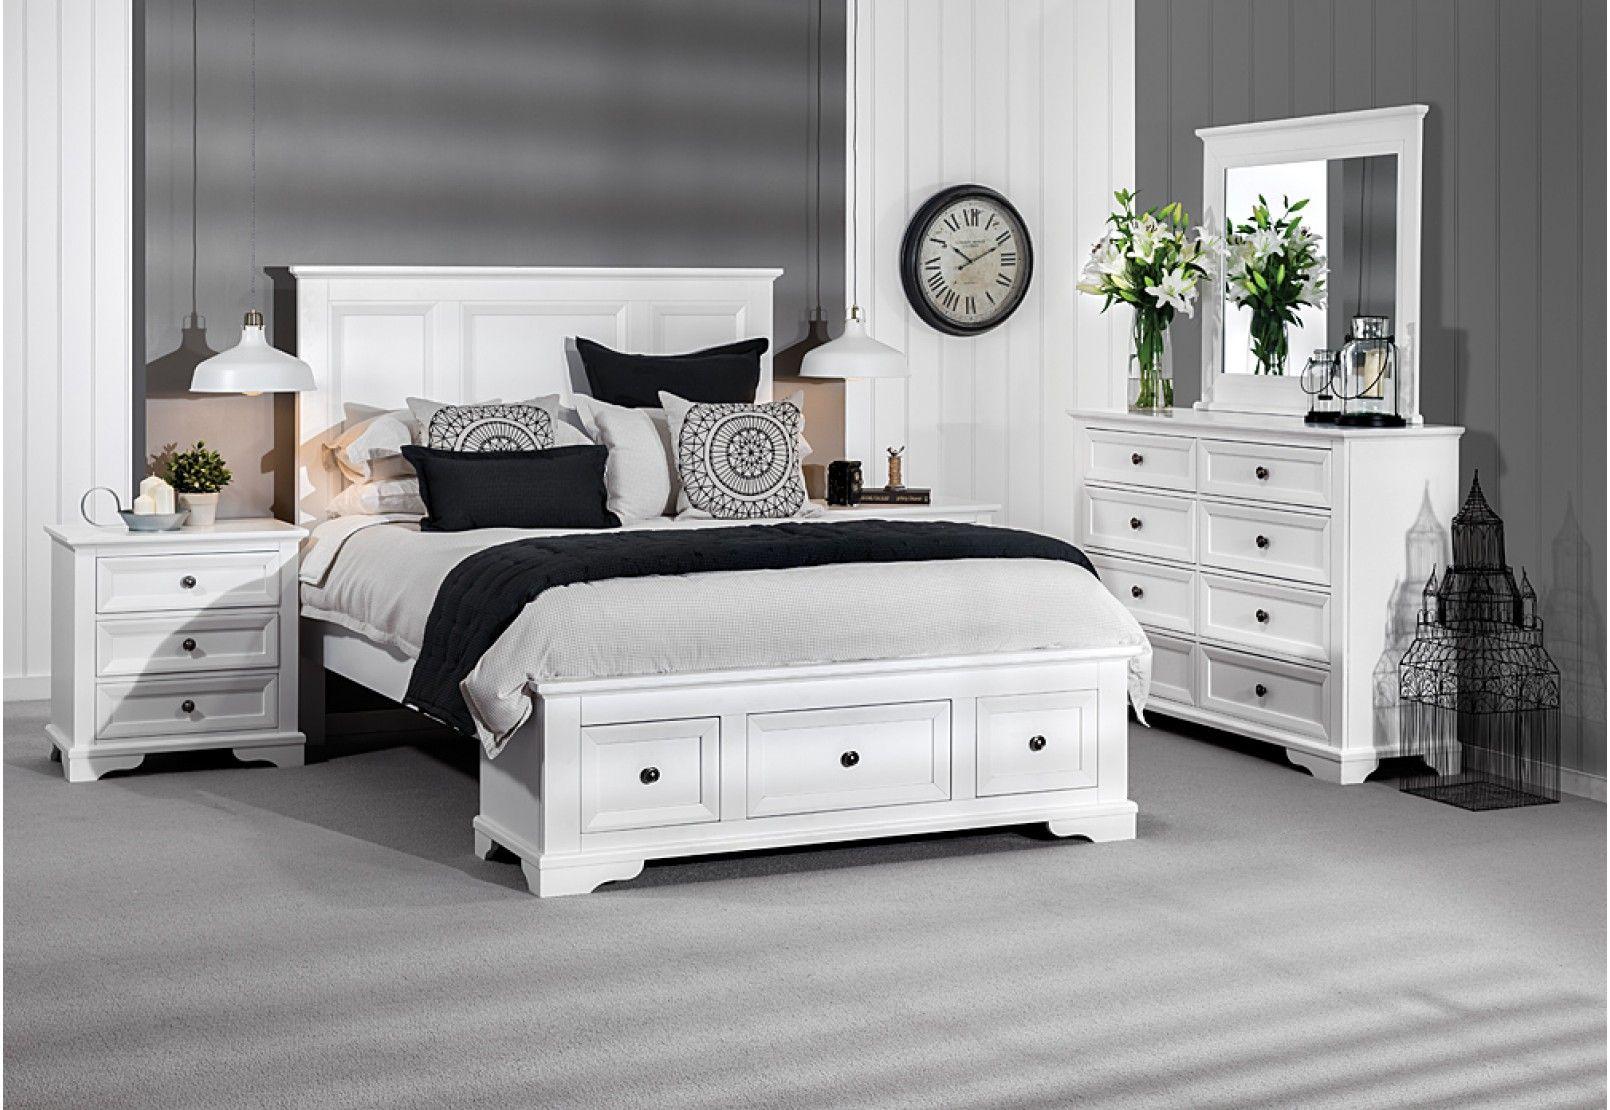 Quebec 4 Piece Dresser Queen Bedroom Suite Cheap Bedroom Furniture King Bedroom White Bedroom Suite